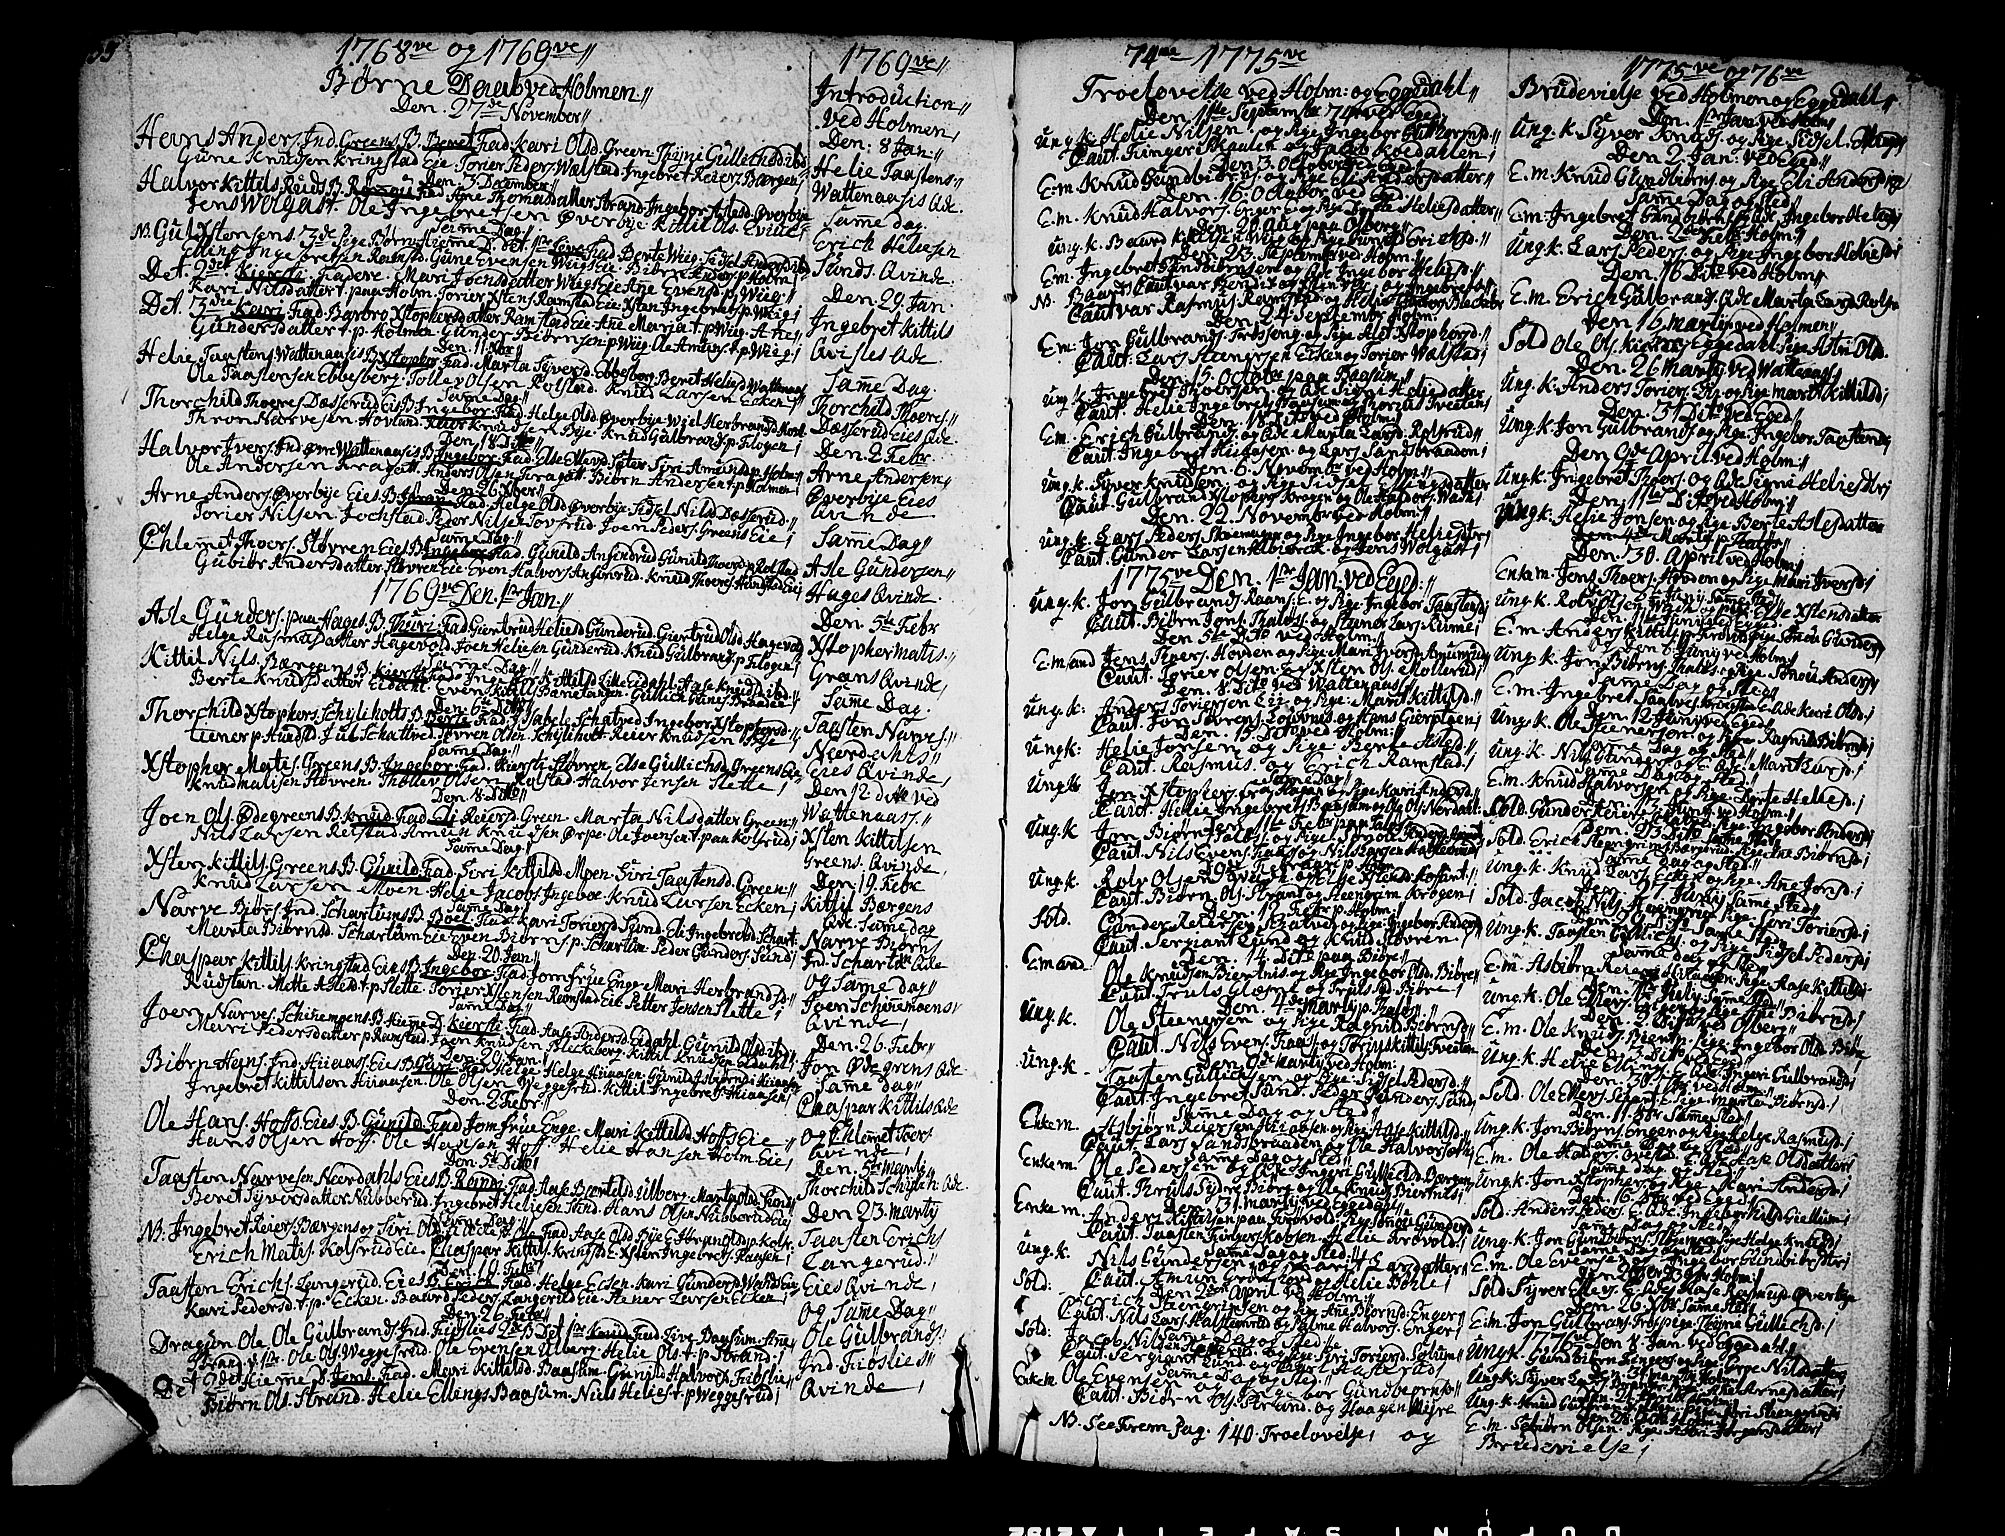 SAKO, Sigdal kirkebøker, F/Fa/L0001: Ministerialbok nr. I 1, 1722-1777, s. 135-136